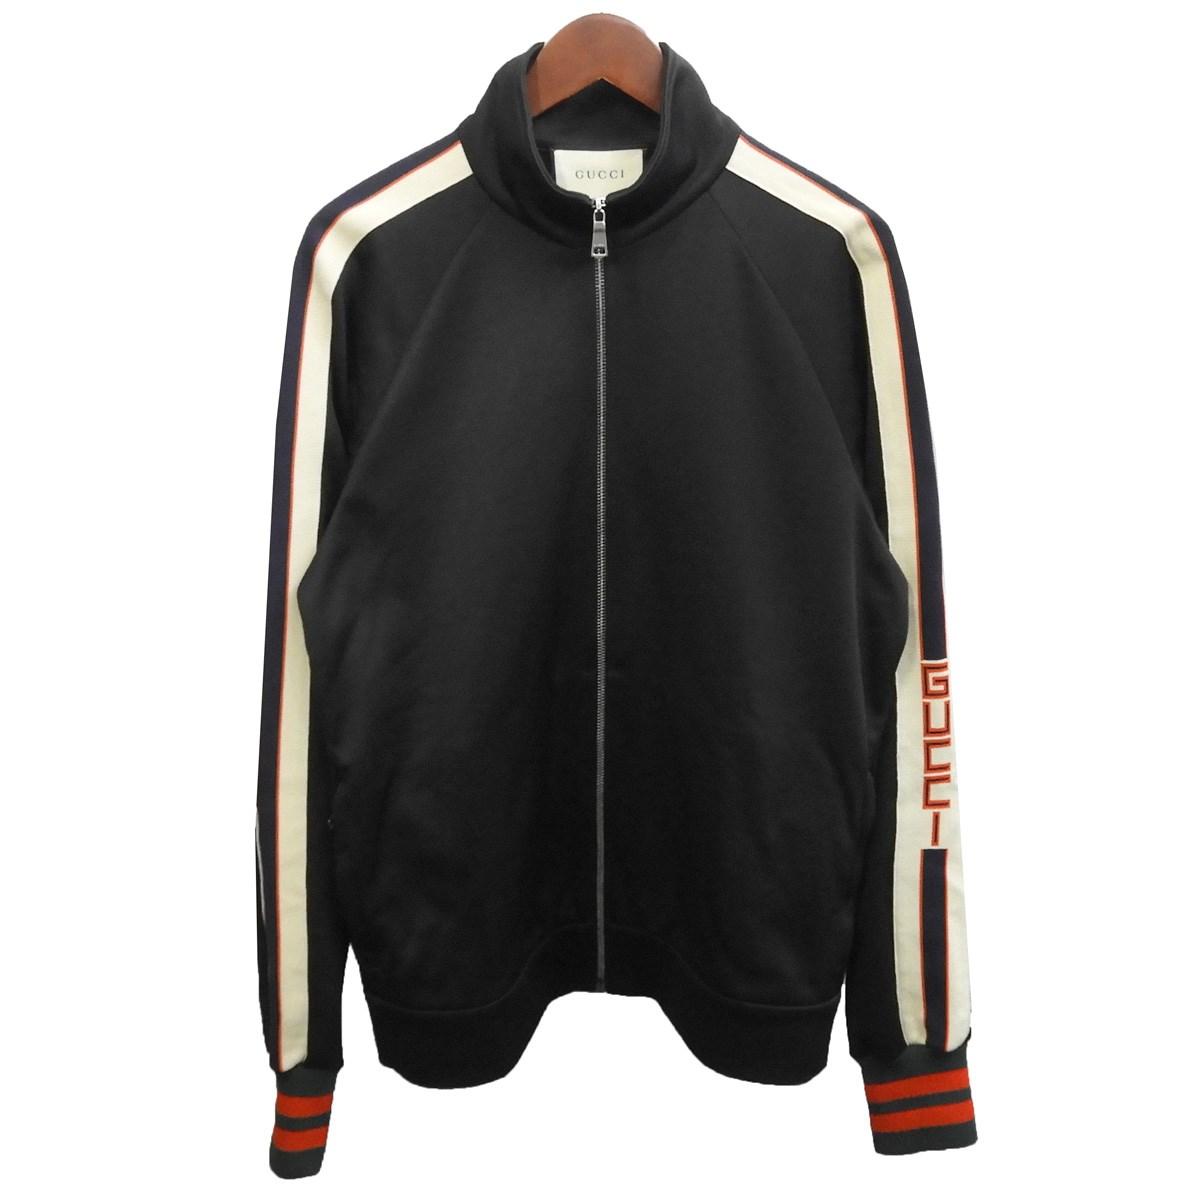 【中古】GUCCI テクニカルジャージジャケット ブラック サイズ:M 【251219】(グッチ)